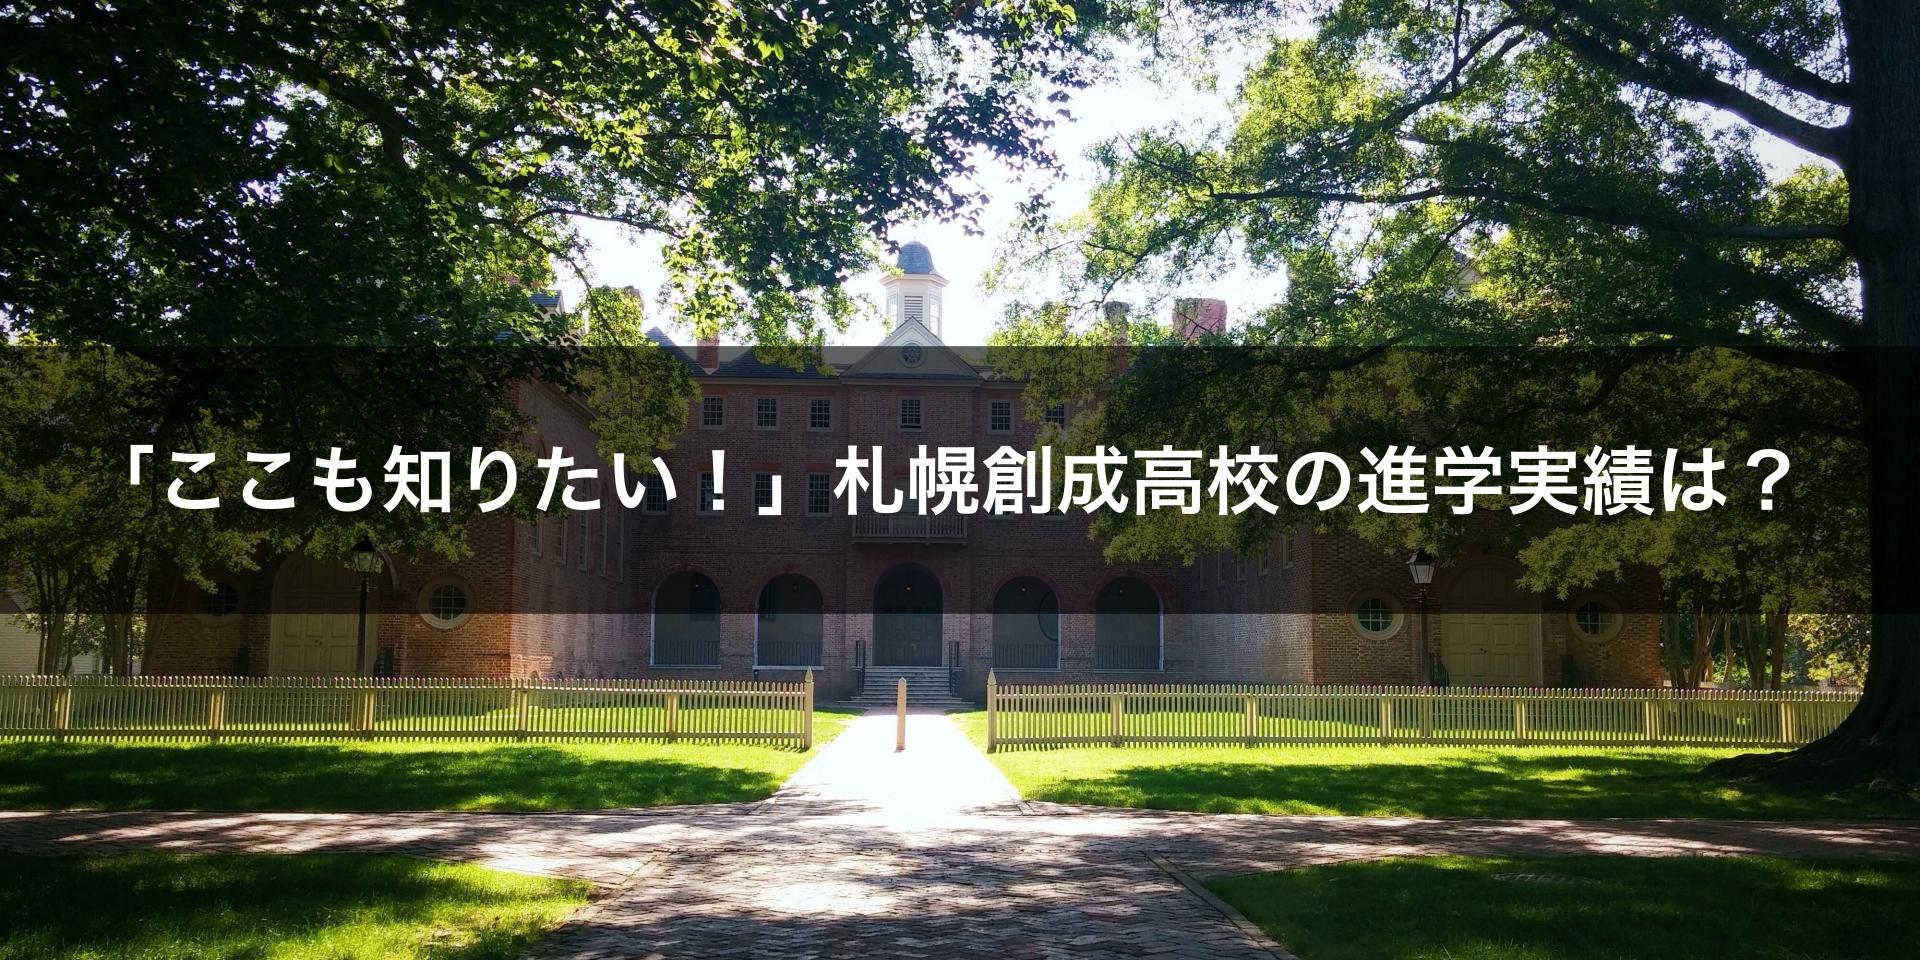 札幌創成高校の進学実績は?